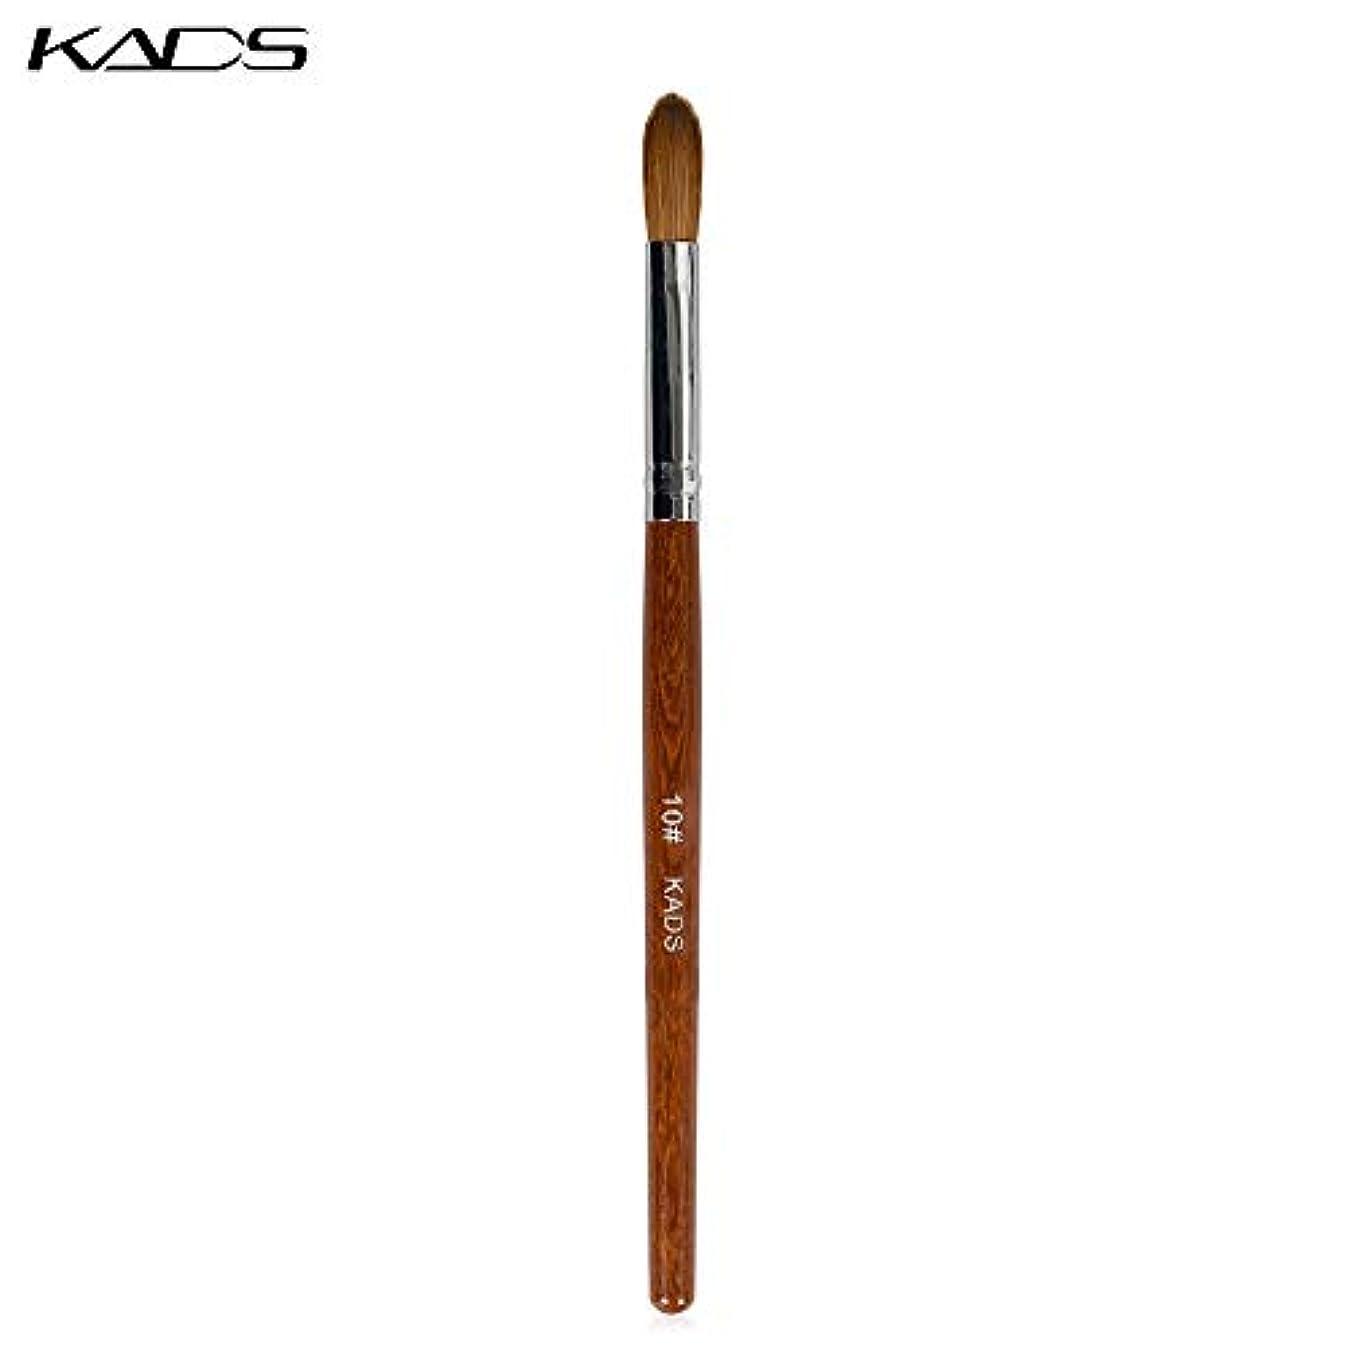 床を掃除する維持する見つけるKADS ネイルブラシ 10# ジェルネイル用筆 アクリルネイルブラシ ネイルアート専用筆(10#)